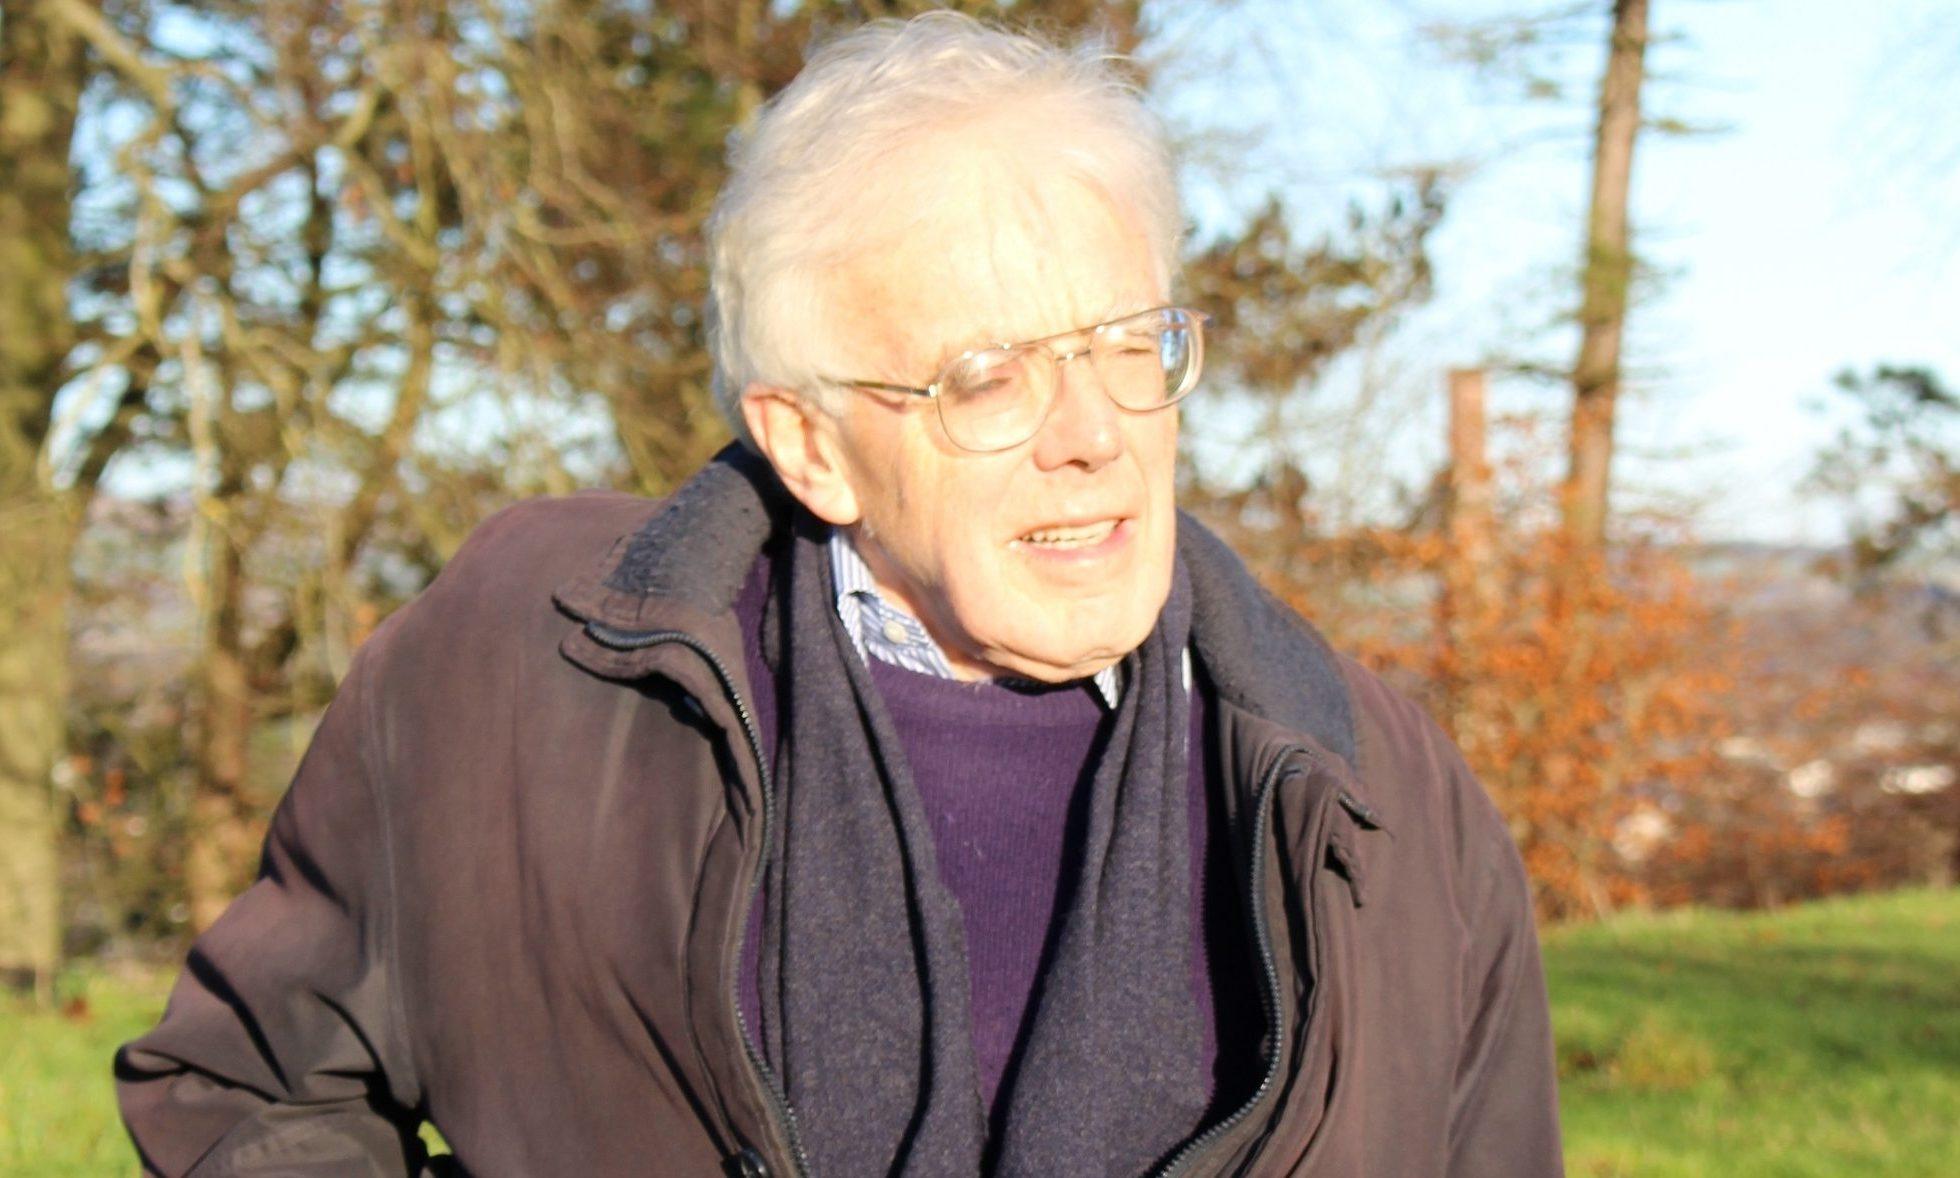 Roger Fletcher remains missing